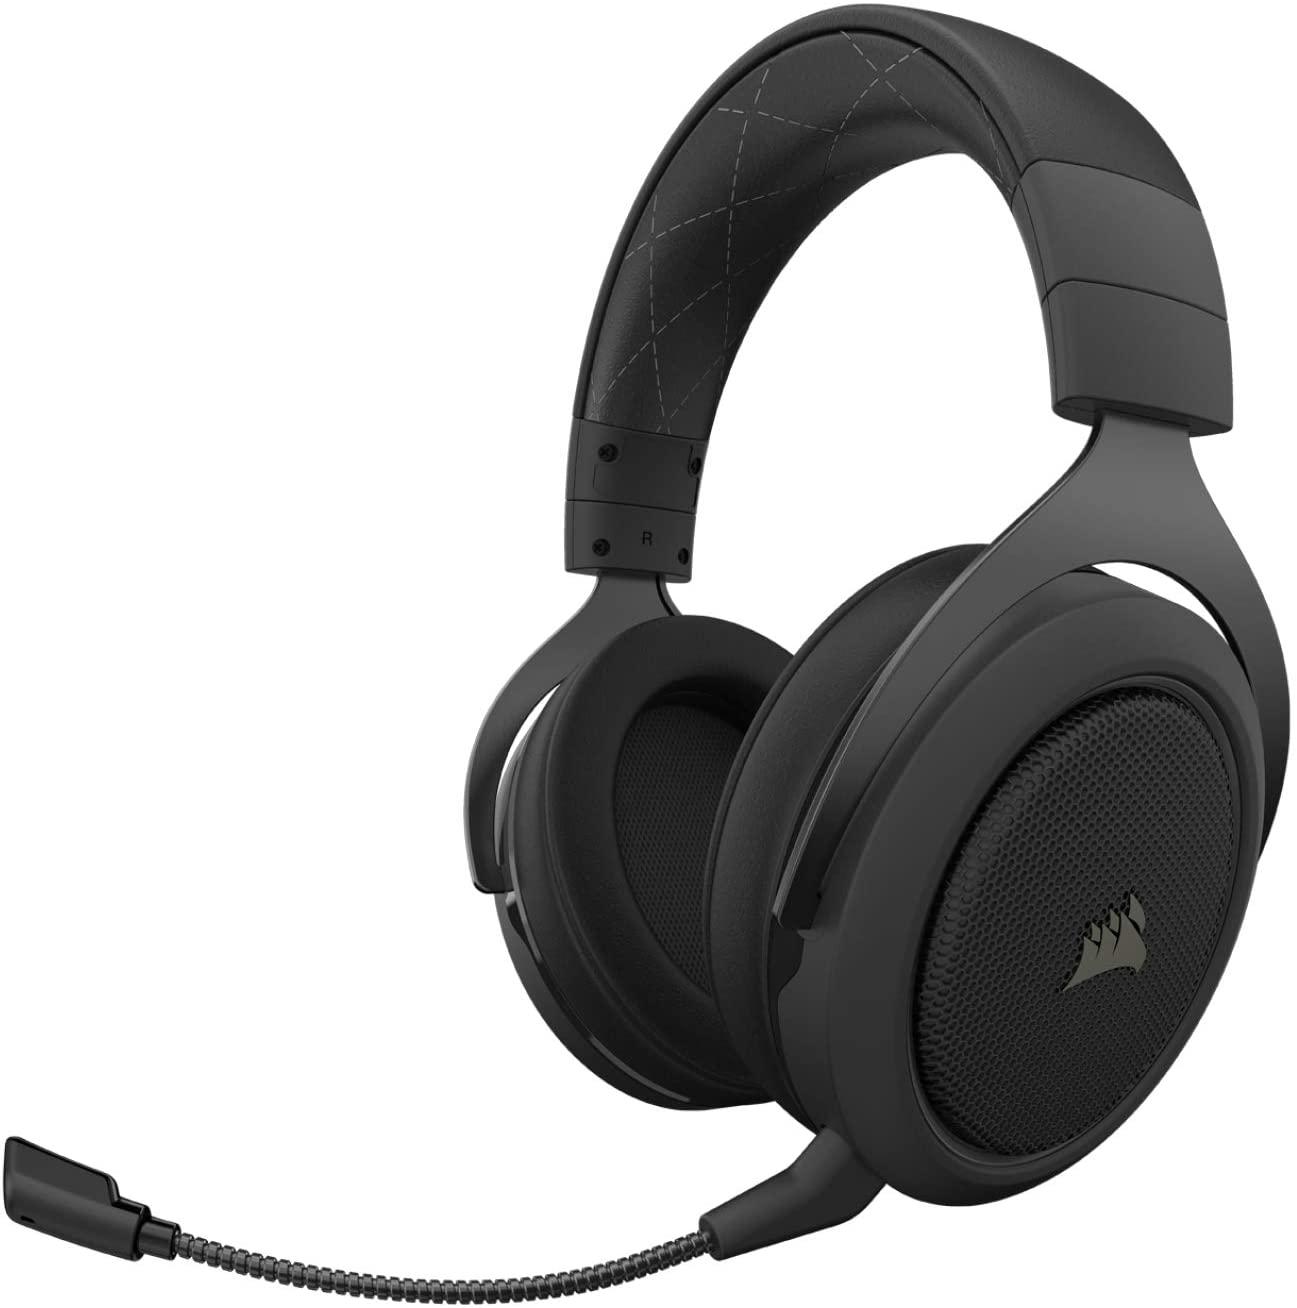 Corsair HS70 - Best Wireless Gaming Headset Under 100